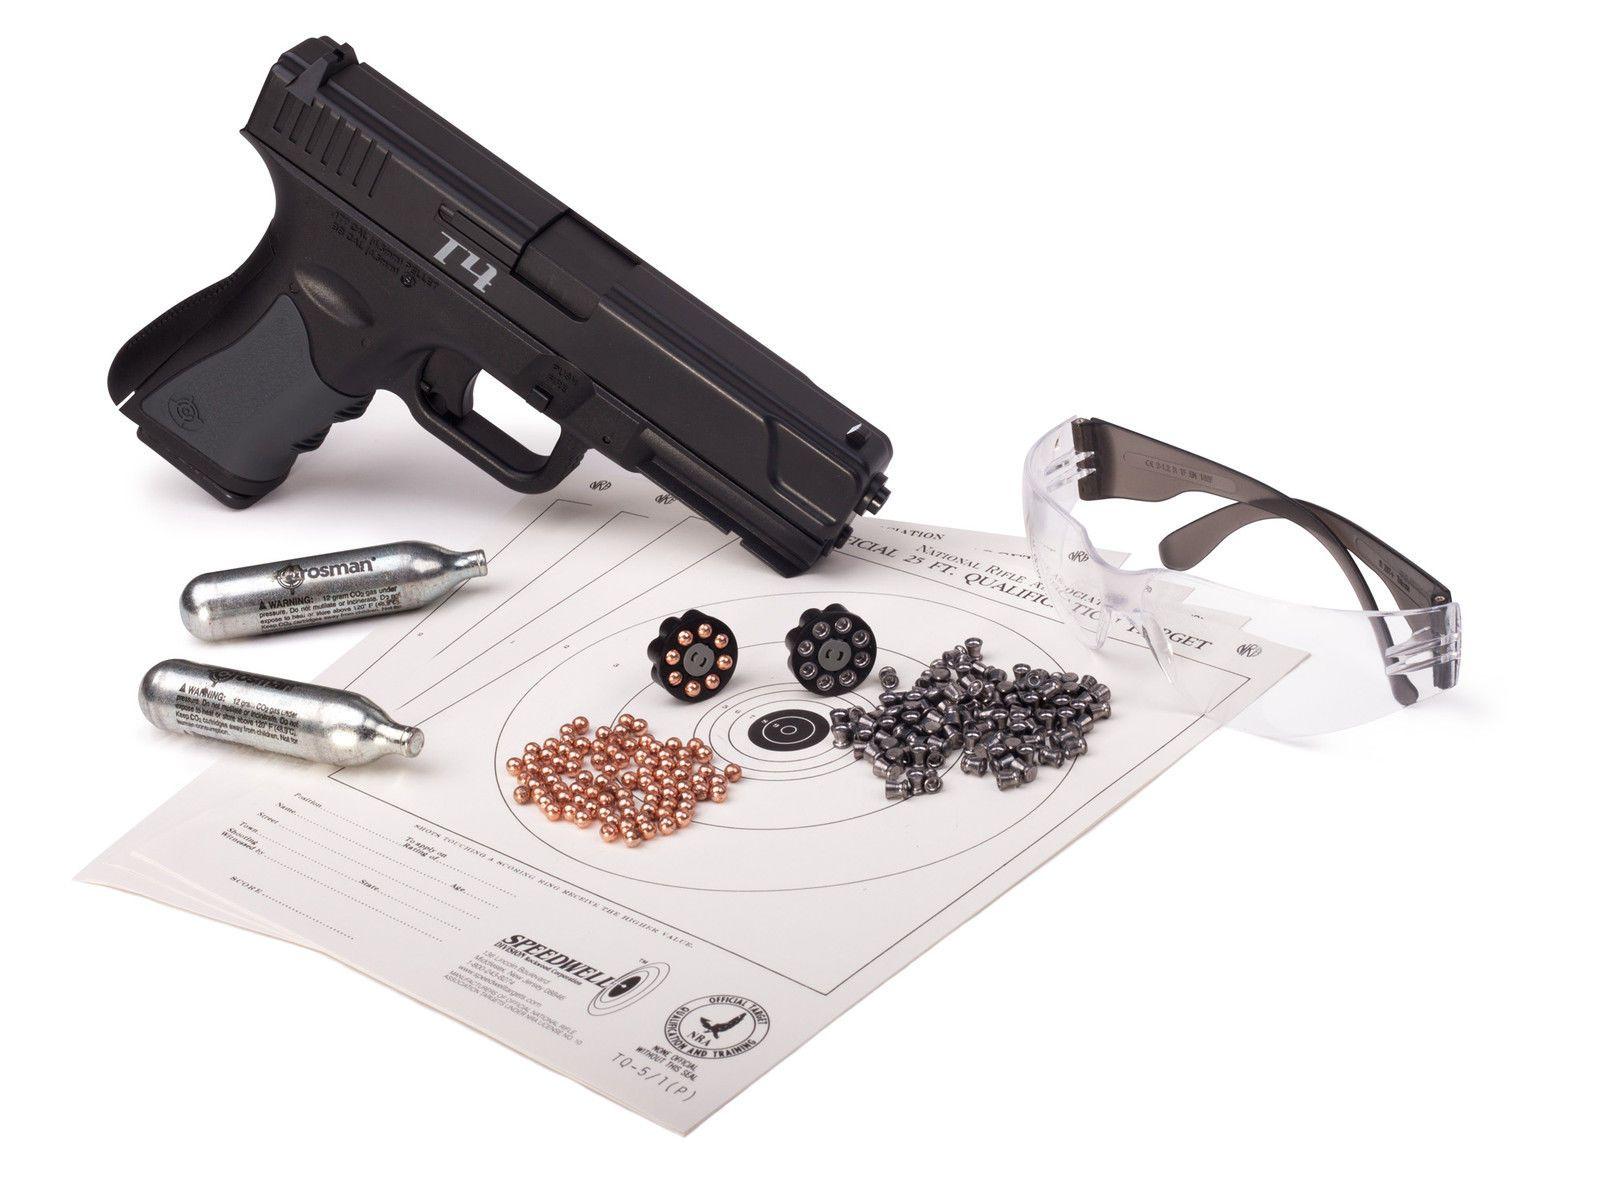 Crosman Glock design T4 Kit pkg, included Co2 and pellets